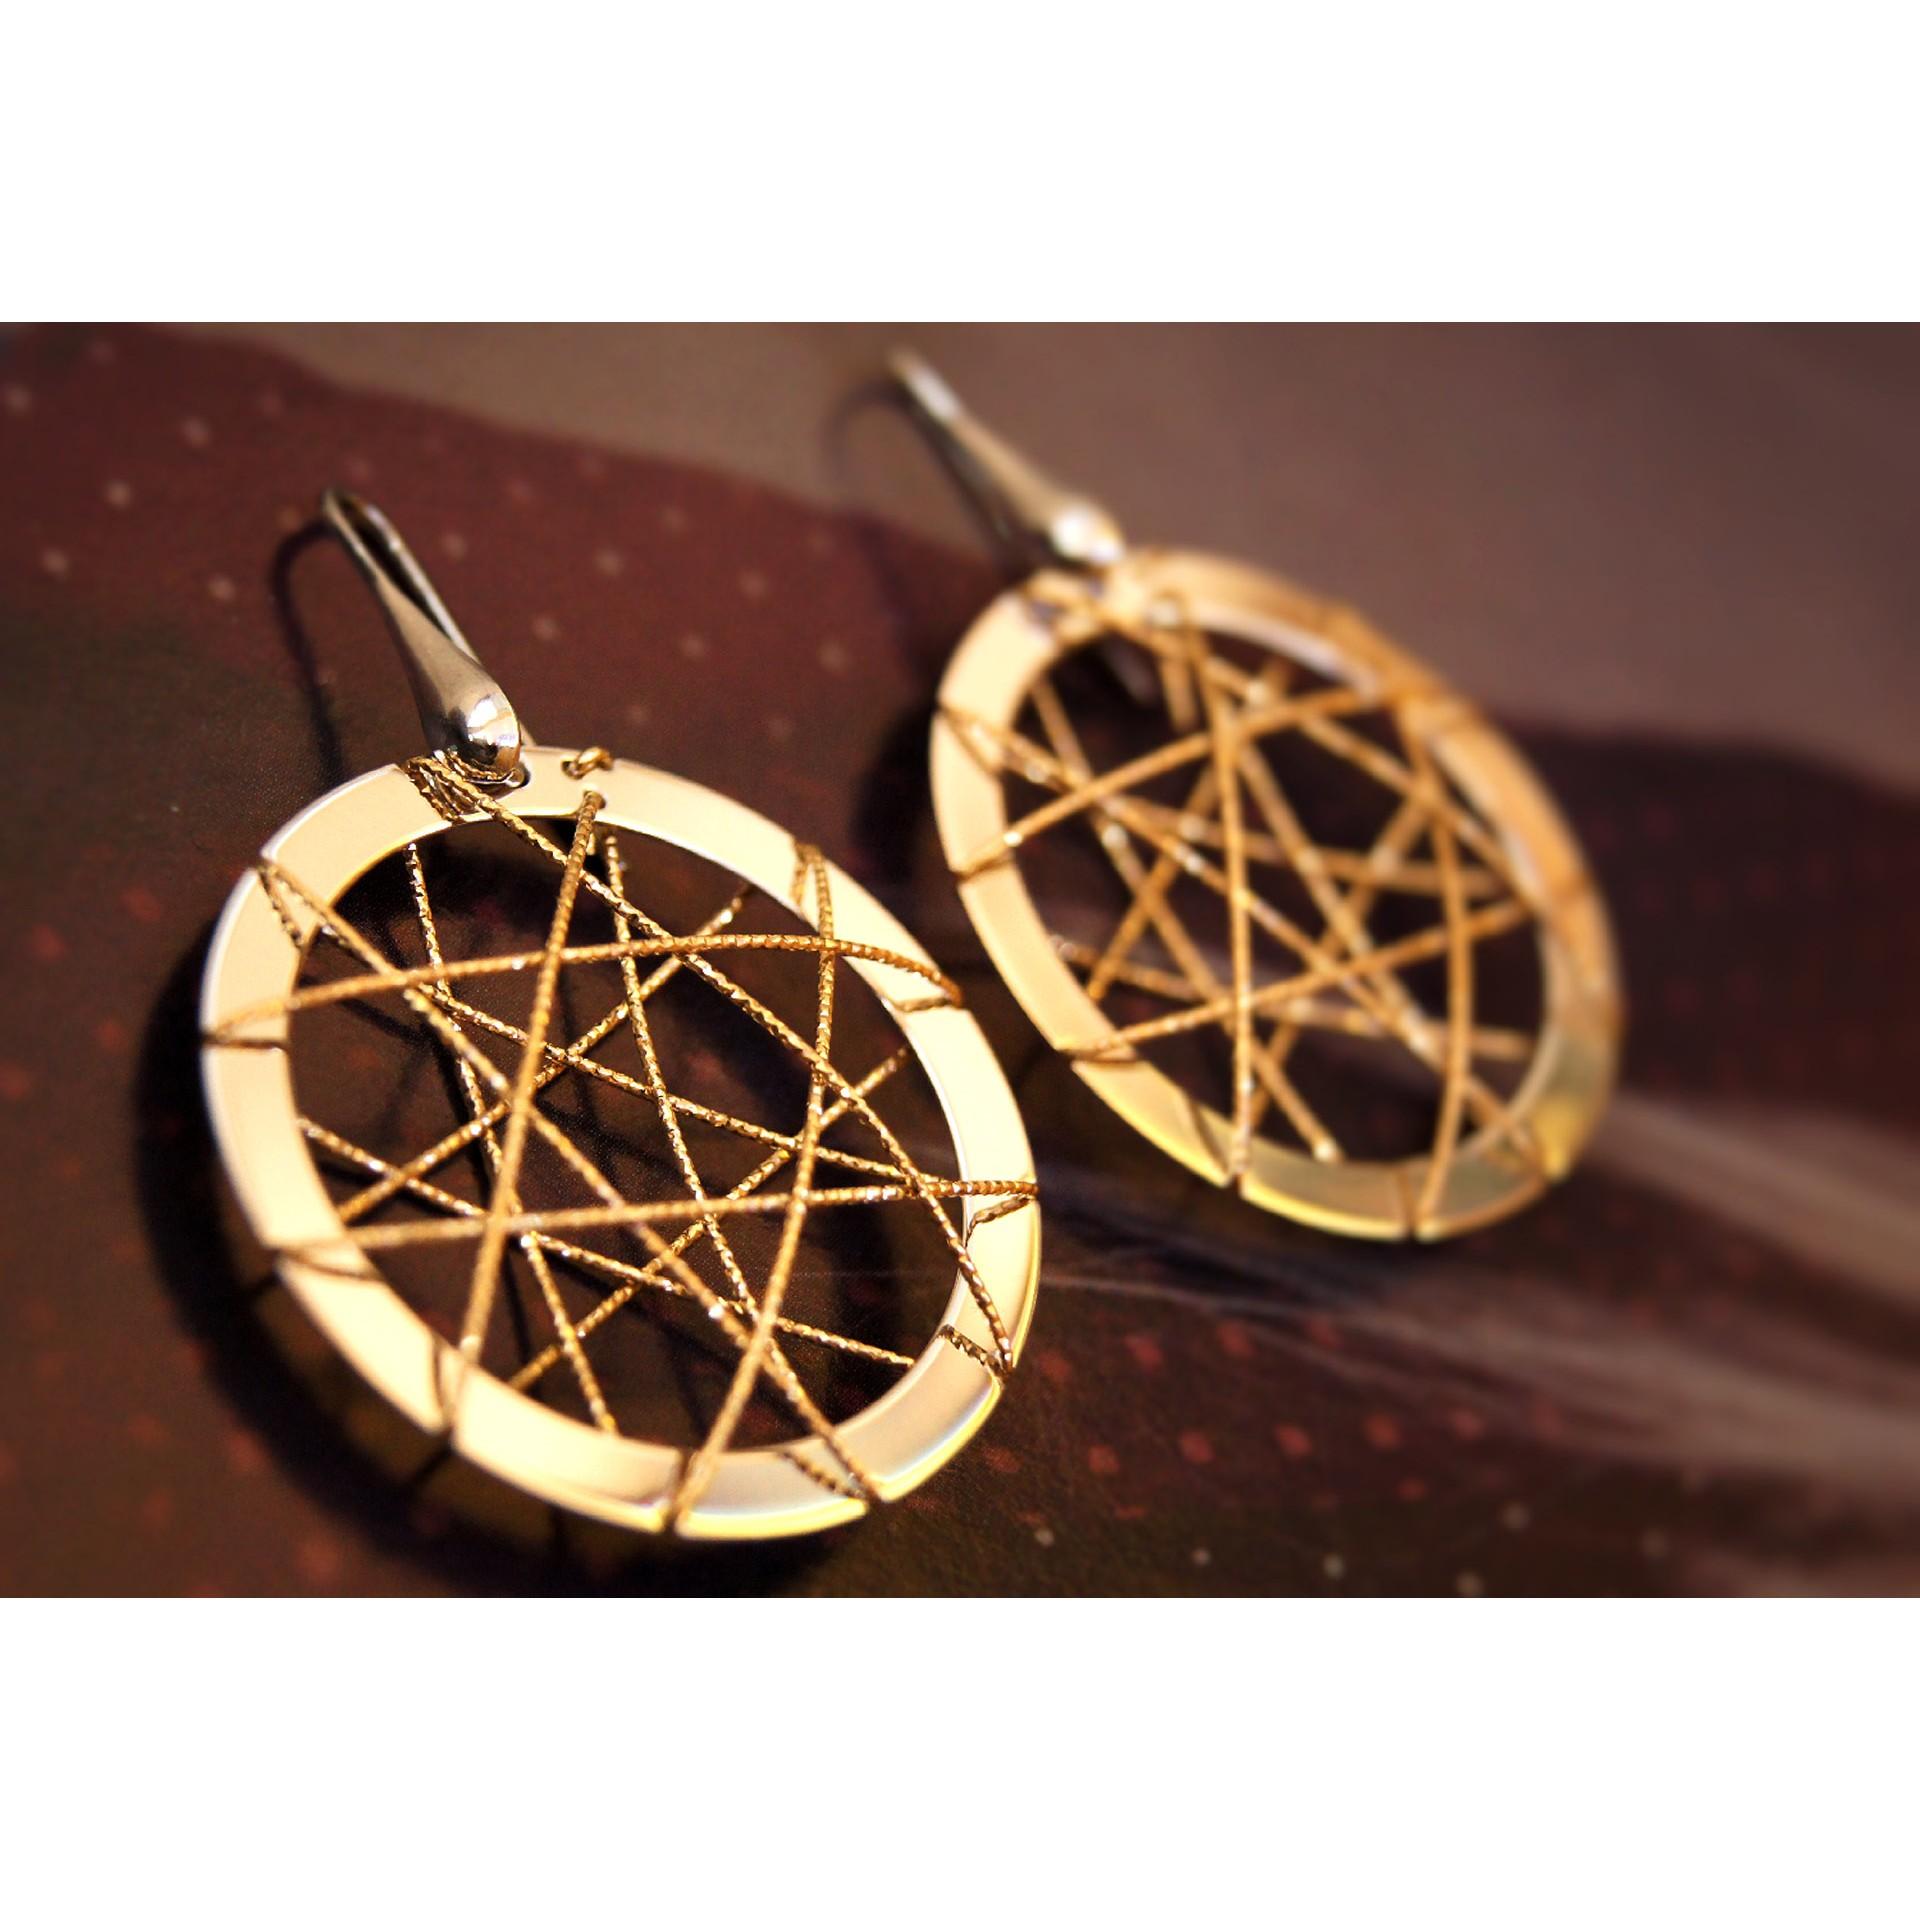 The Avia silver earrings